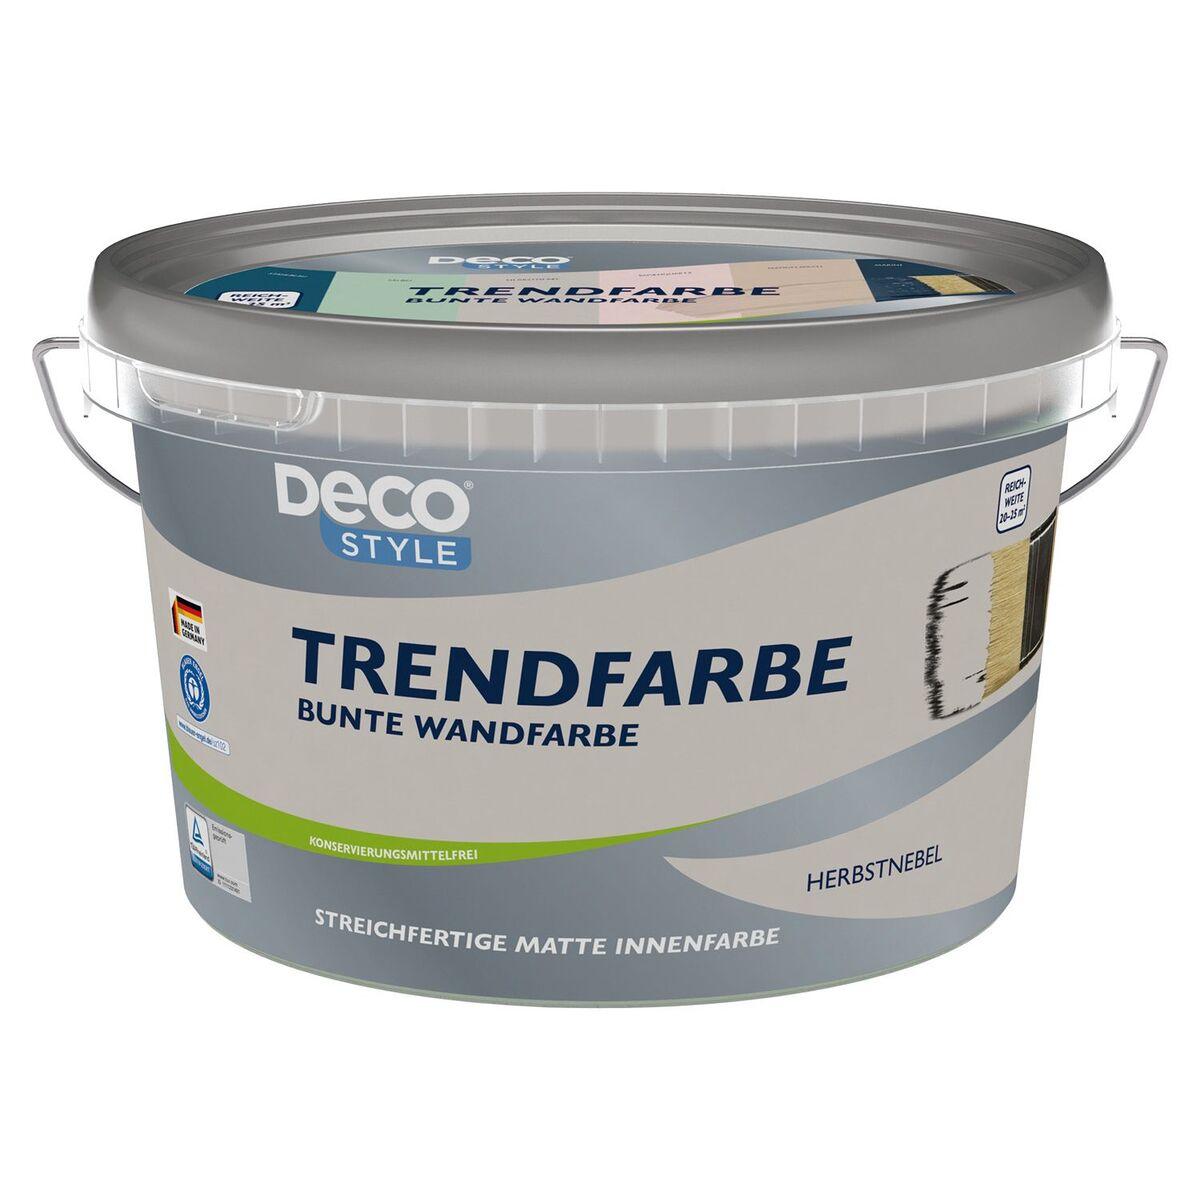 Bild 2 von DECO STYLE®  Trendfarbe 2,5 l